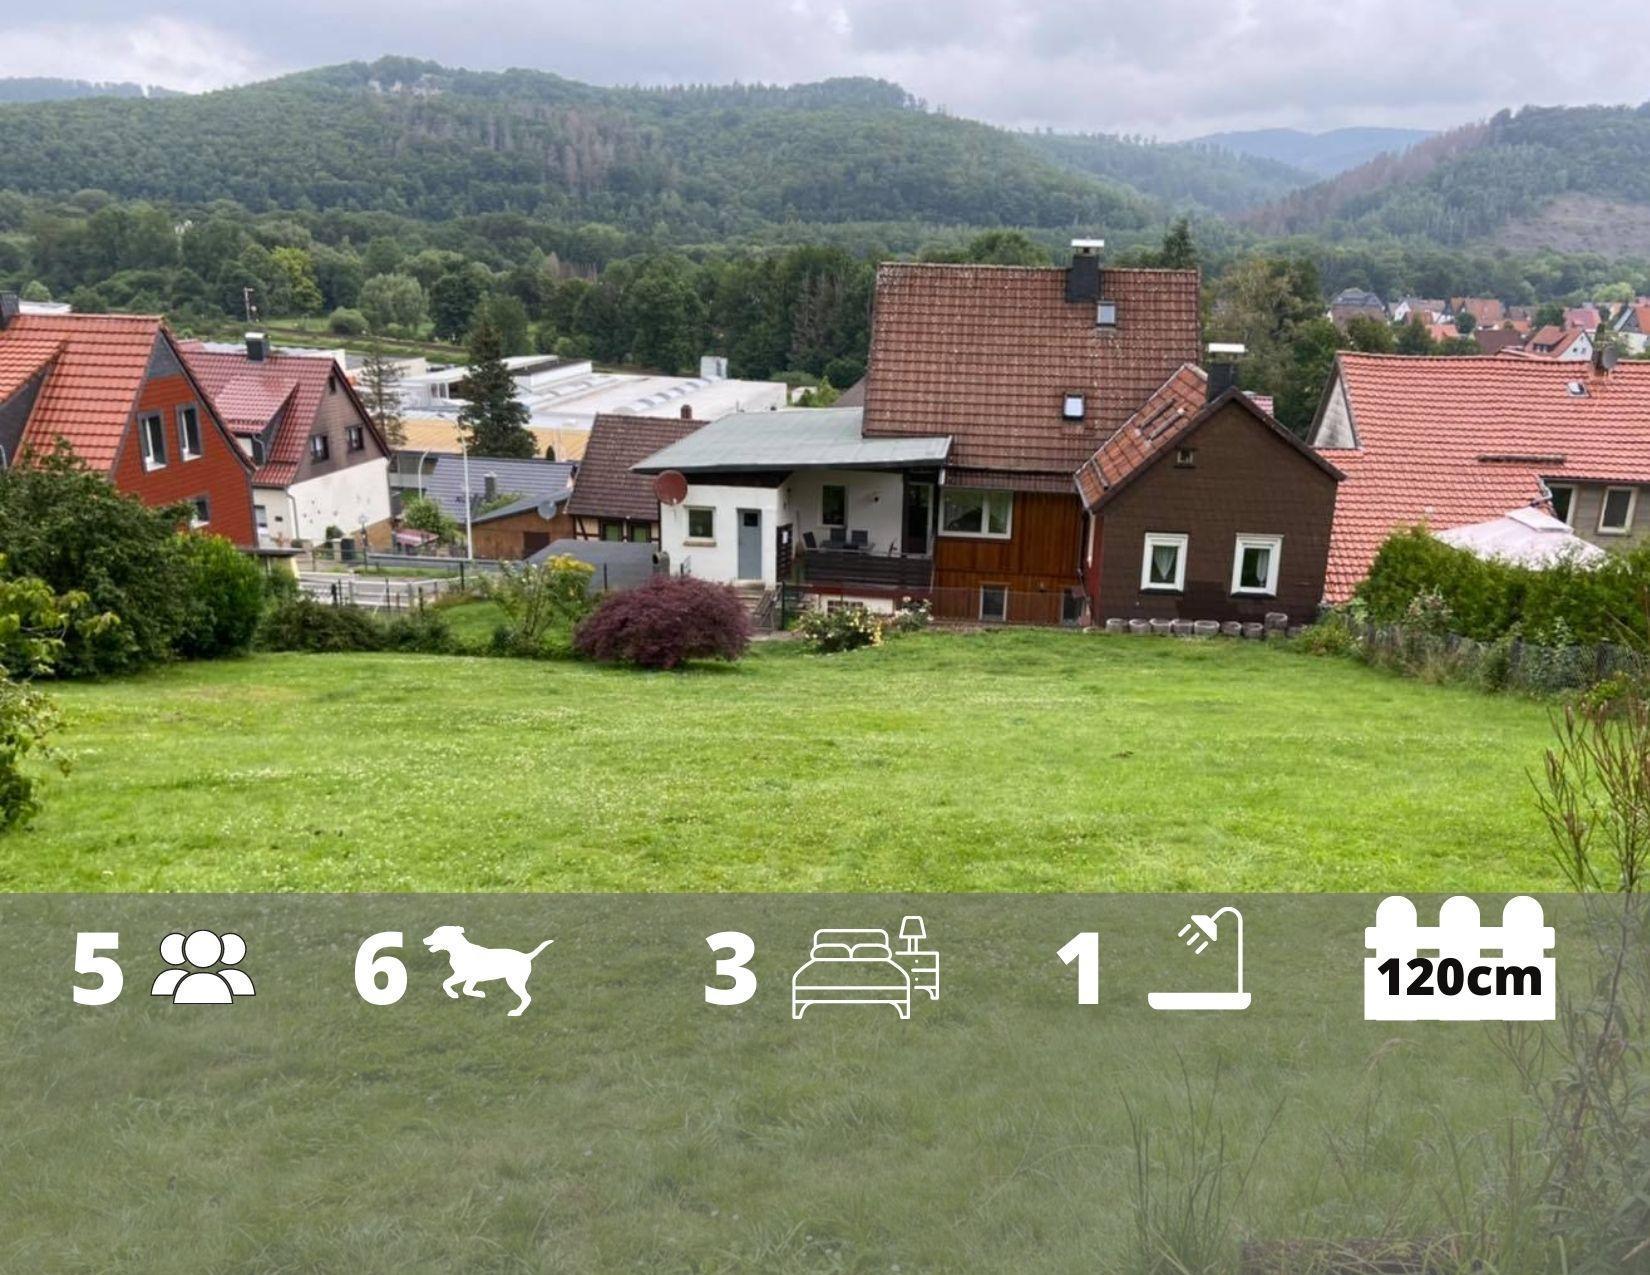 Ferienwohnung Lilly 2 in Bad Lauterberg im Harz - 1500qm eingezäunter Garten